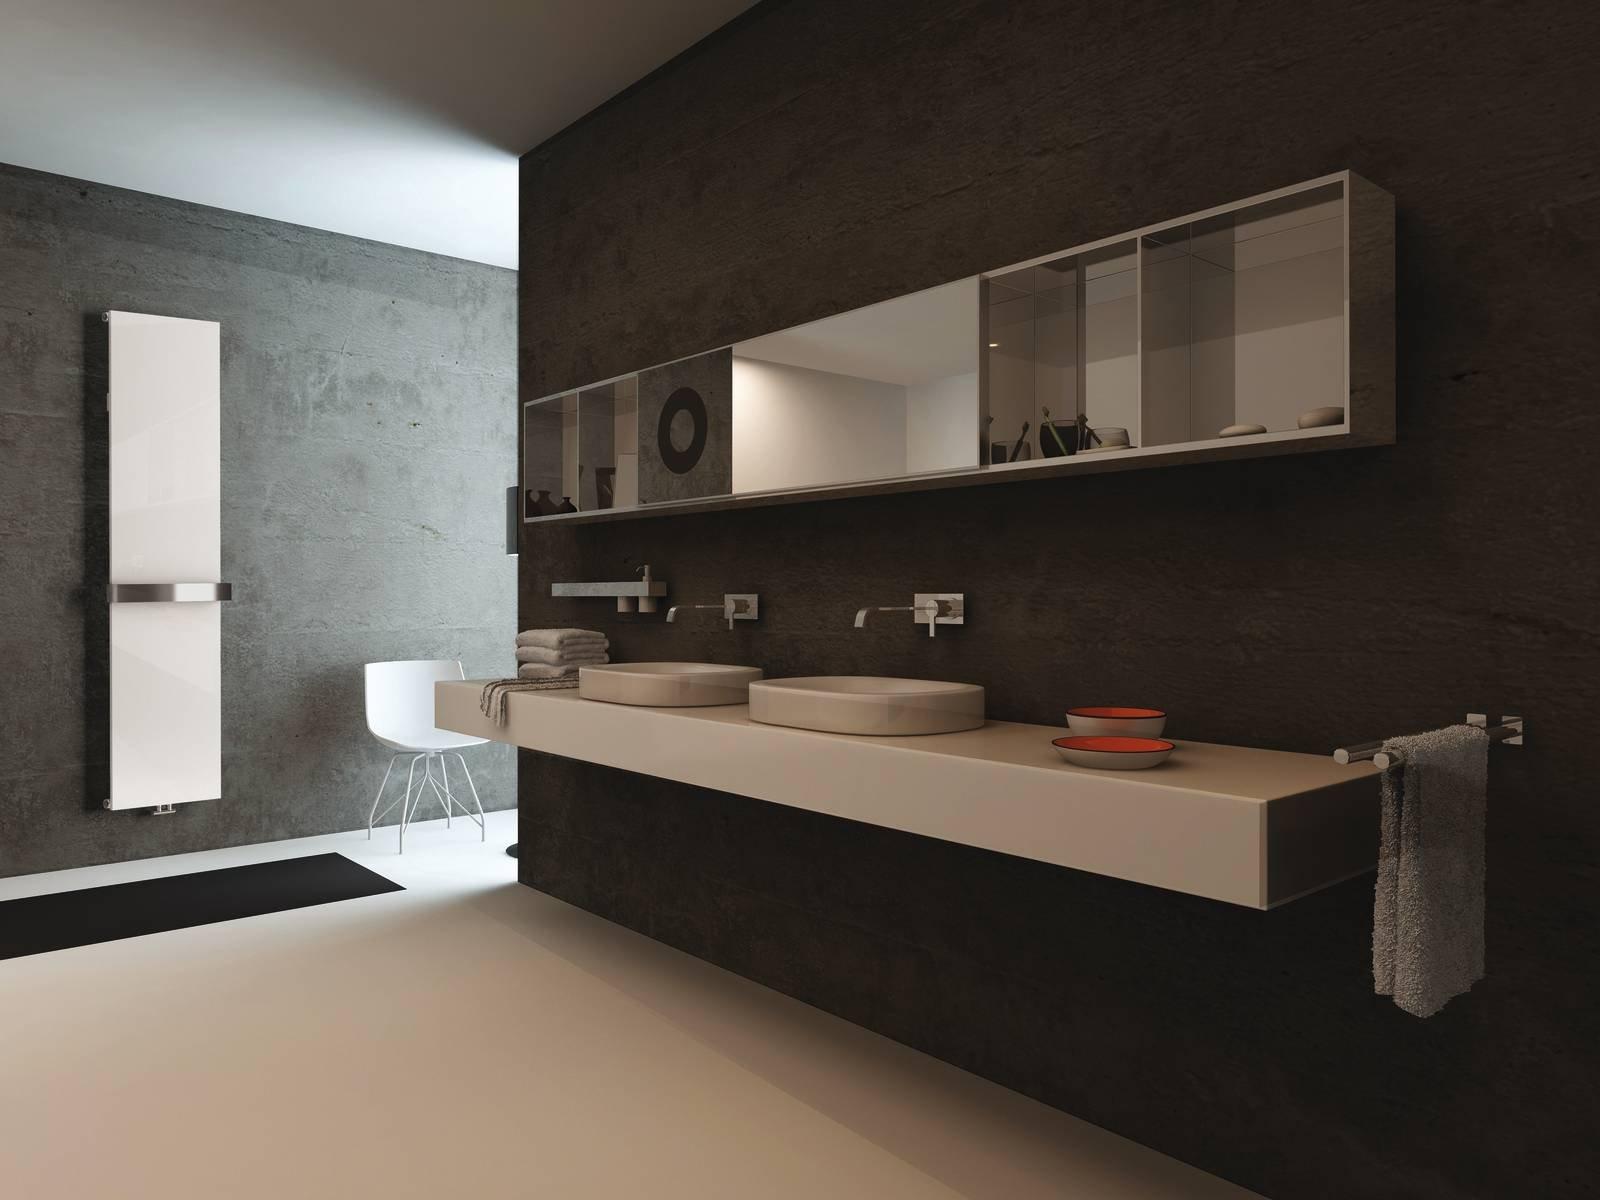 Termoarredo: tra estetica e funzione le proposte dal design più